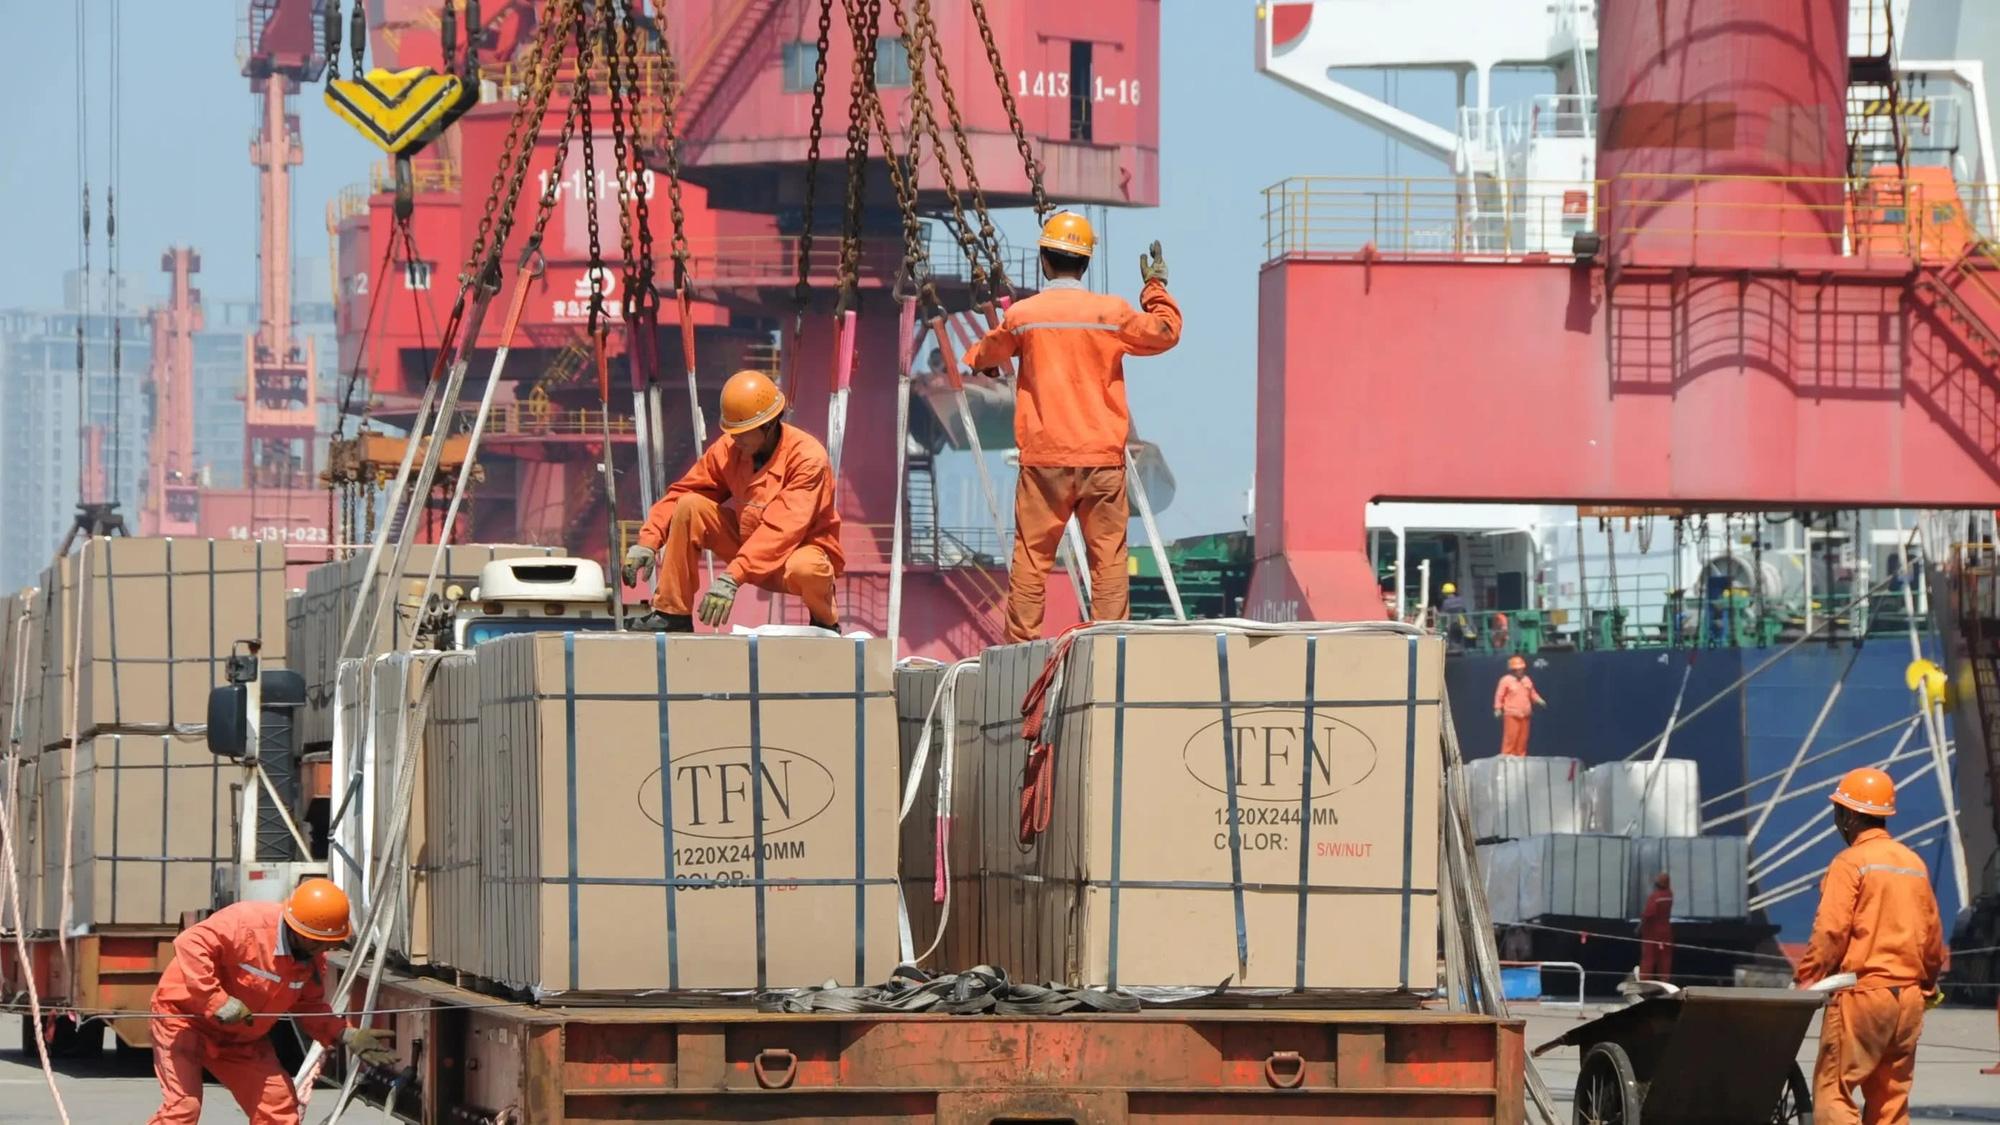 Trung Quốc hứa sẽ không hạn chế xuất khẩu vật tư y tế - Ảnh 3.